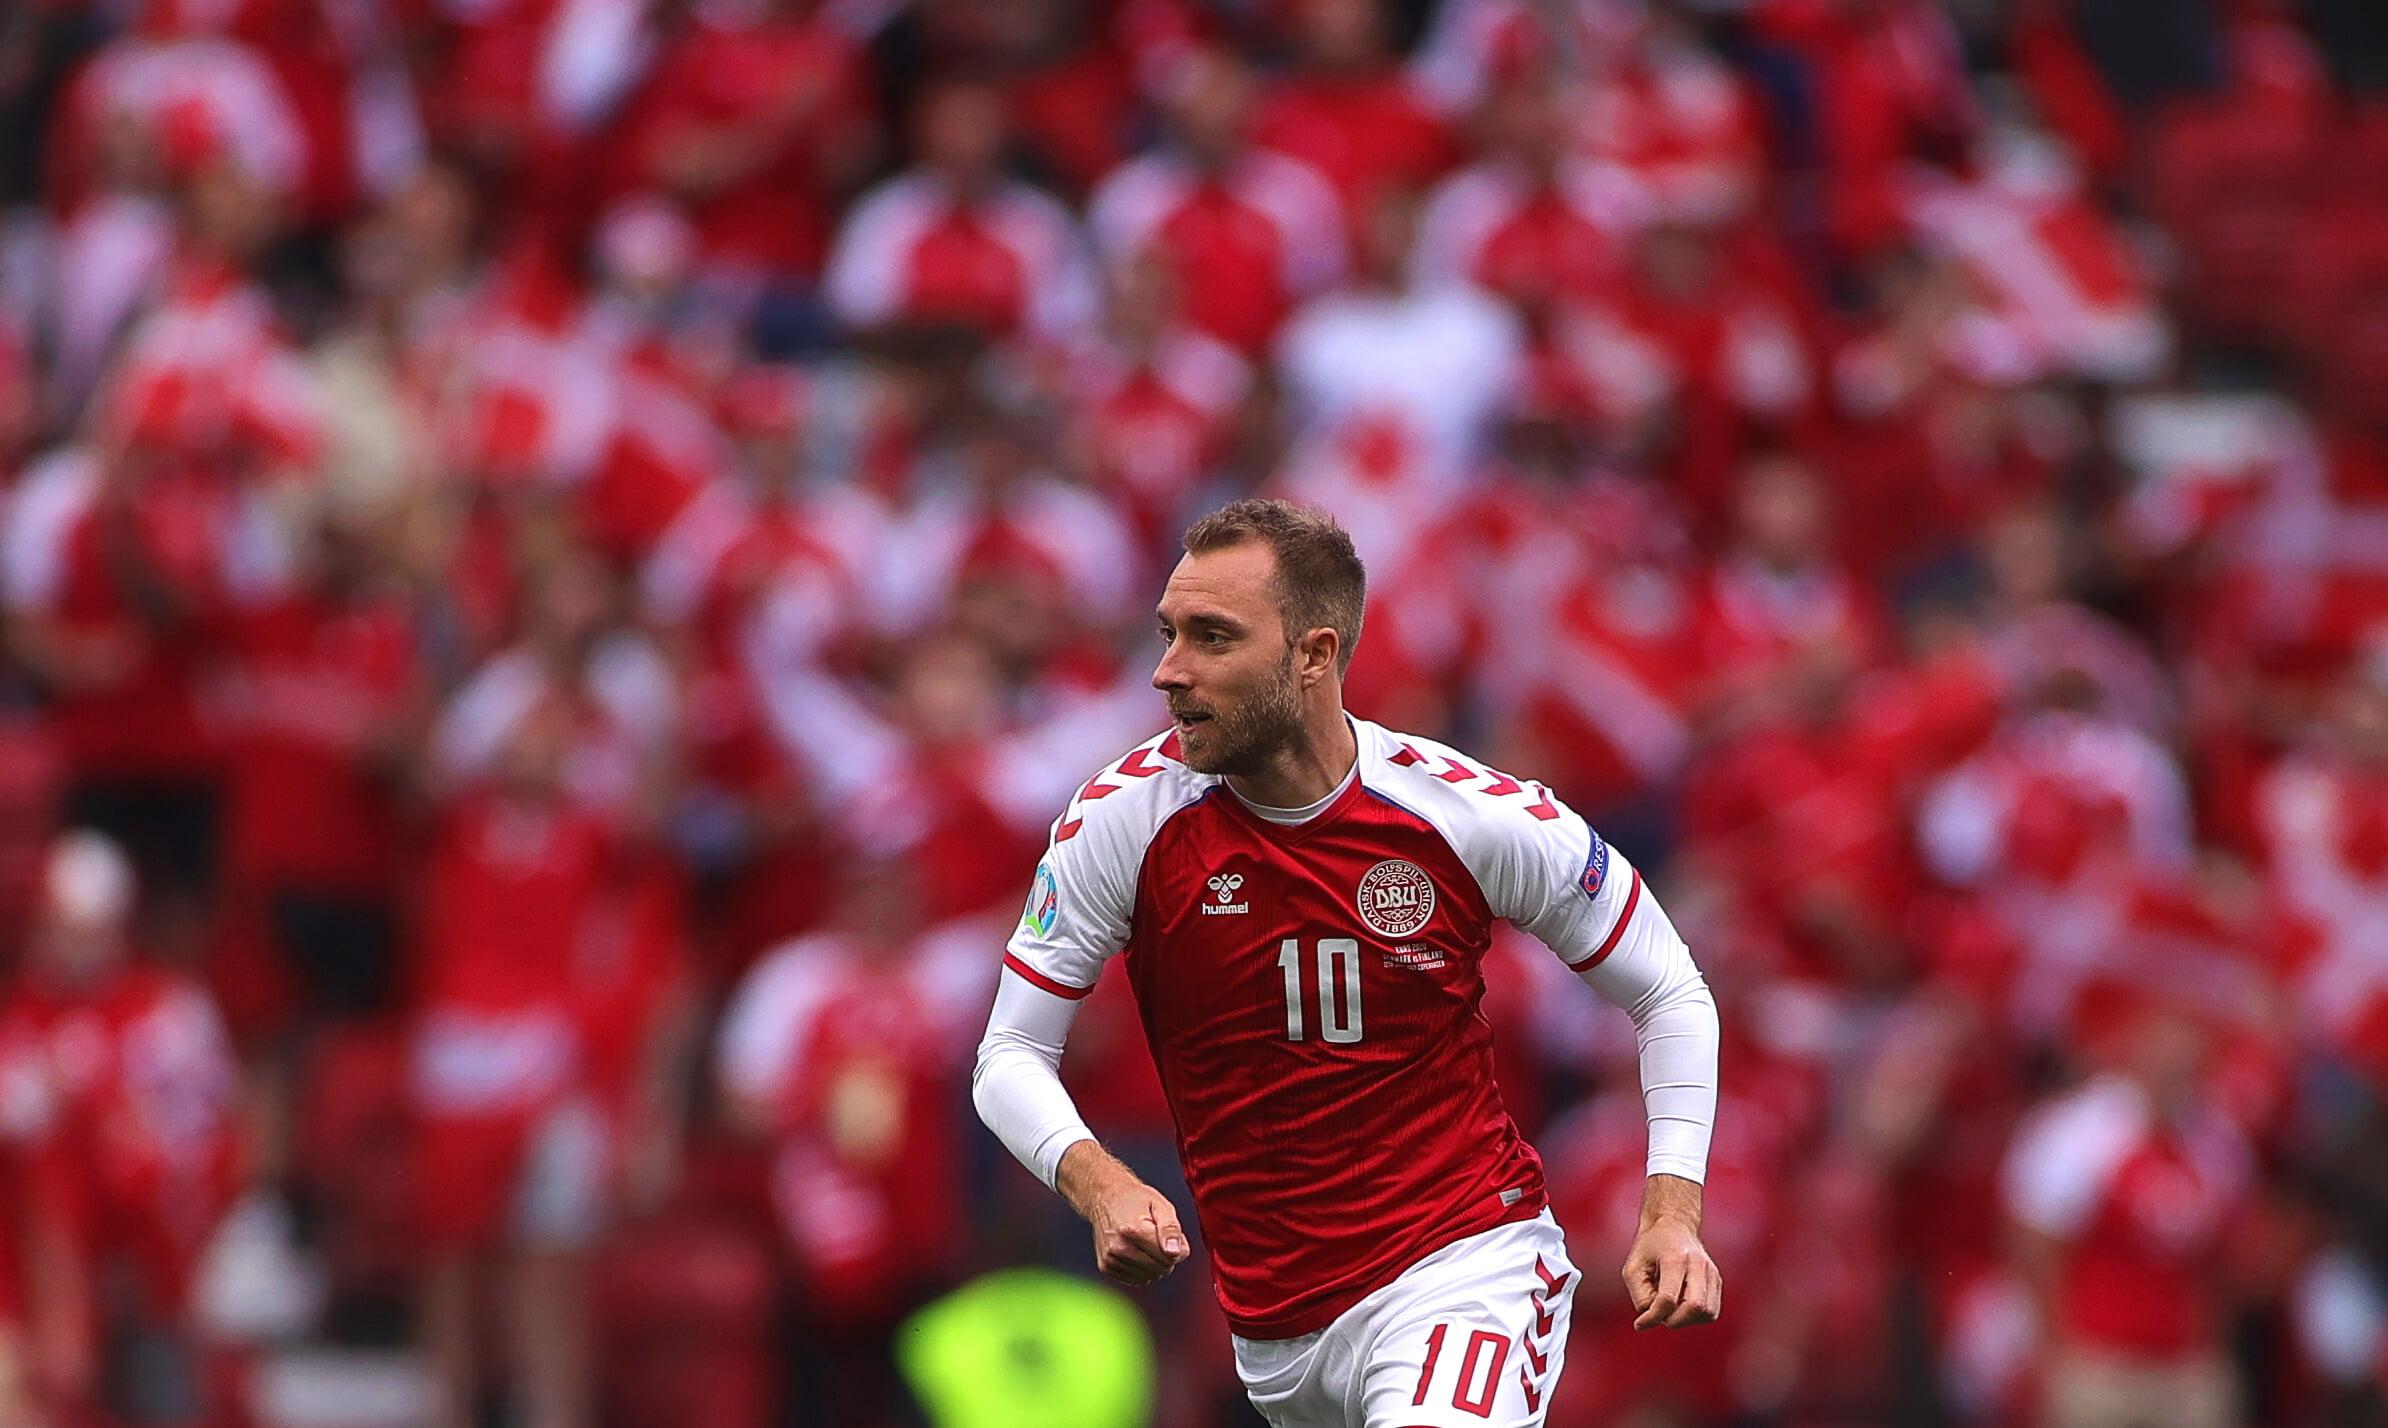 Эриксен признан лучшим игроком матча Дания  Финляндия